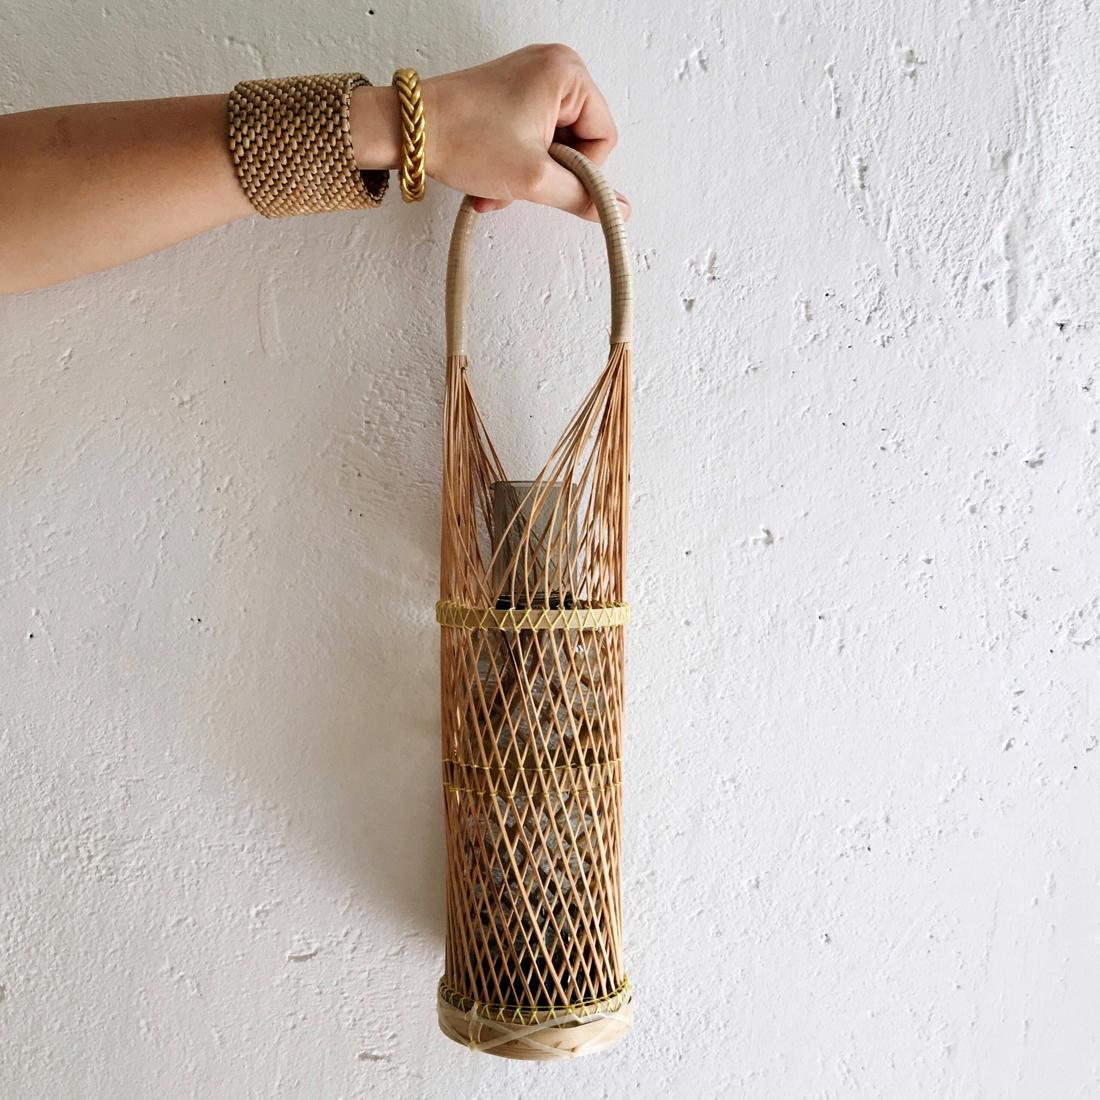 Porte-bouteille en bambou